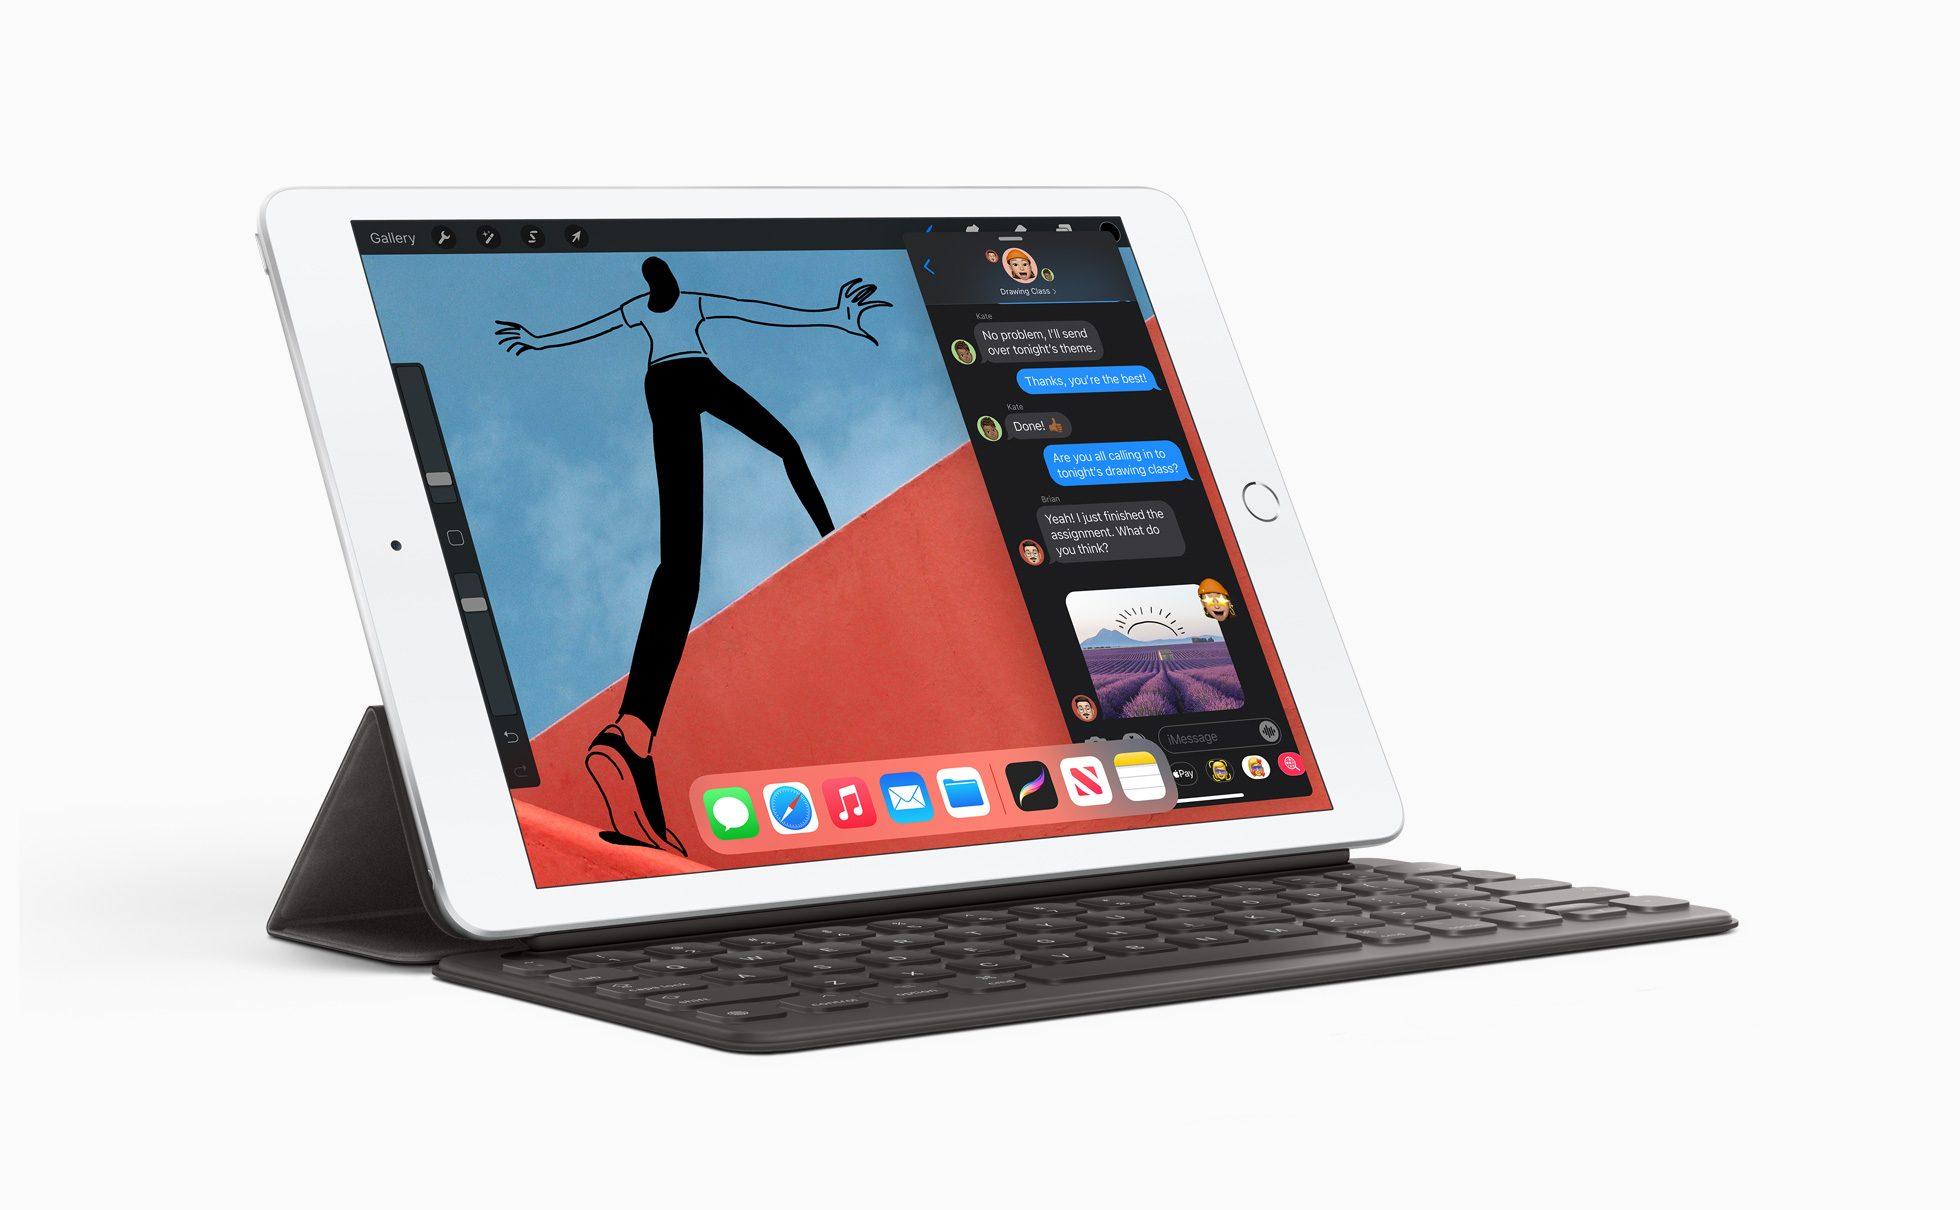 apple_ipad-8th-gen_w-keyboard_09152020